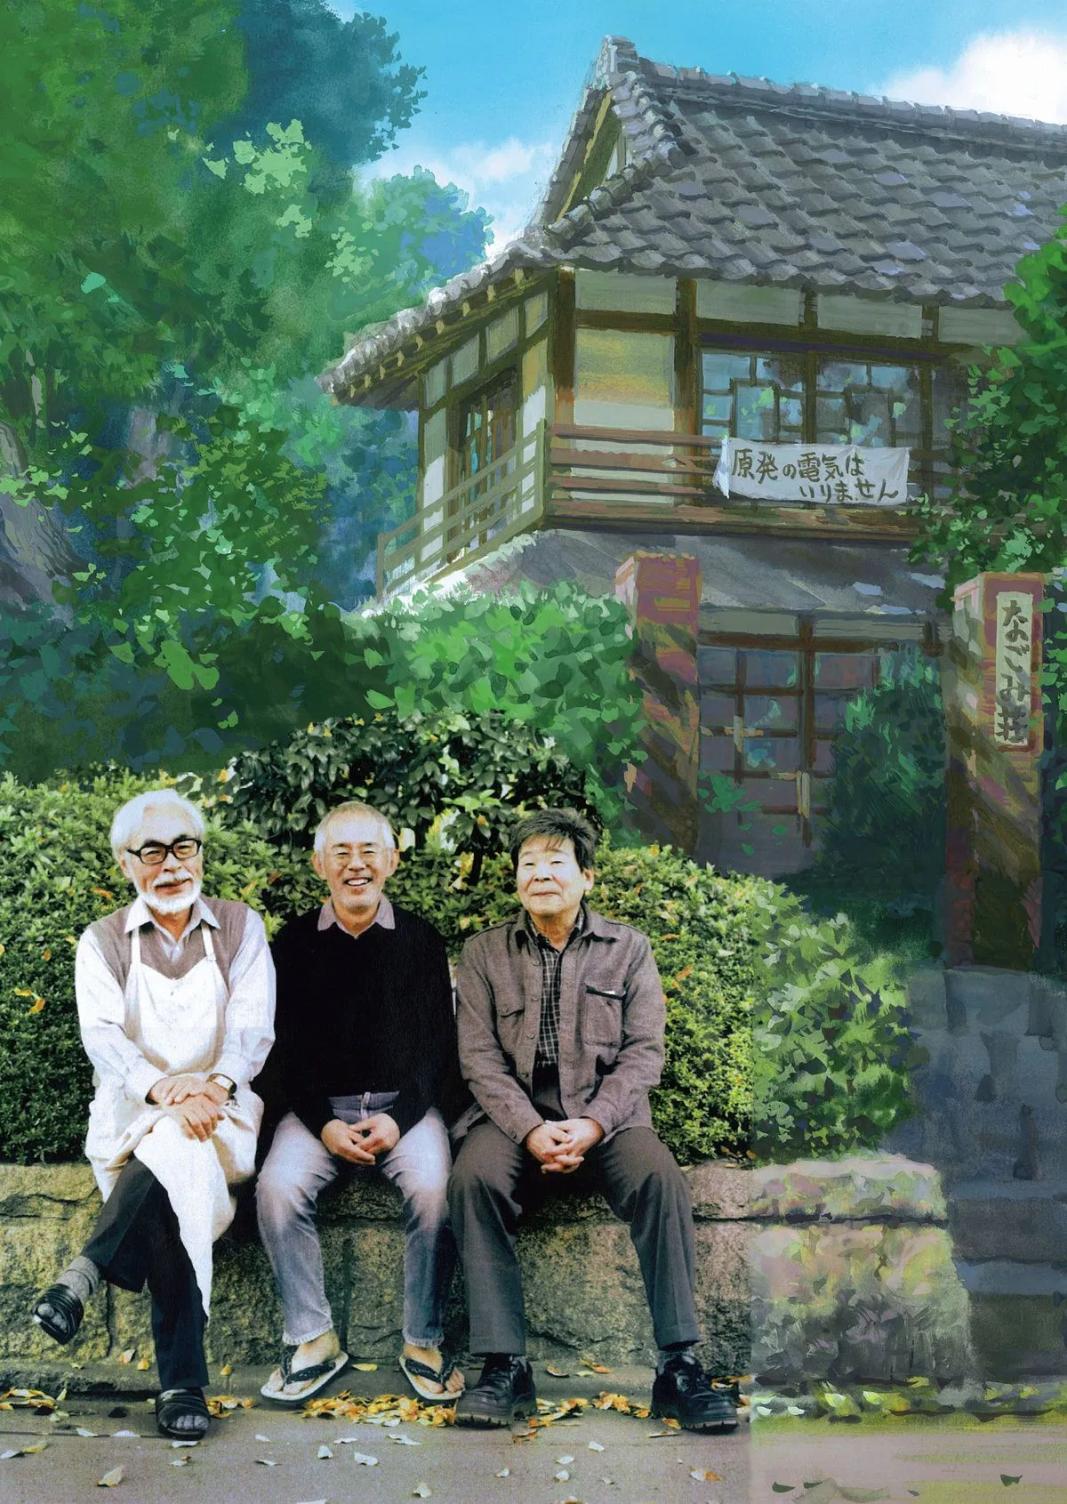 От ляво надясно: Хаяо Миядзаки, Тошио Судзуки, Исао Такахата